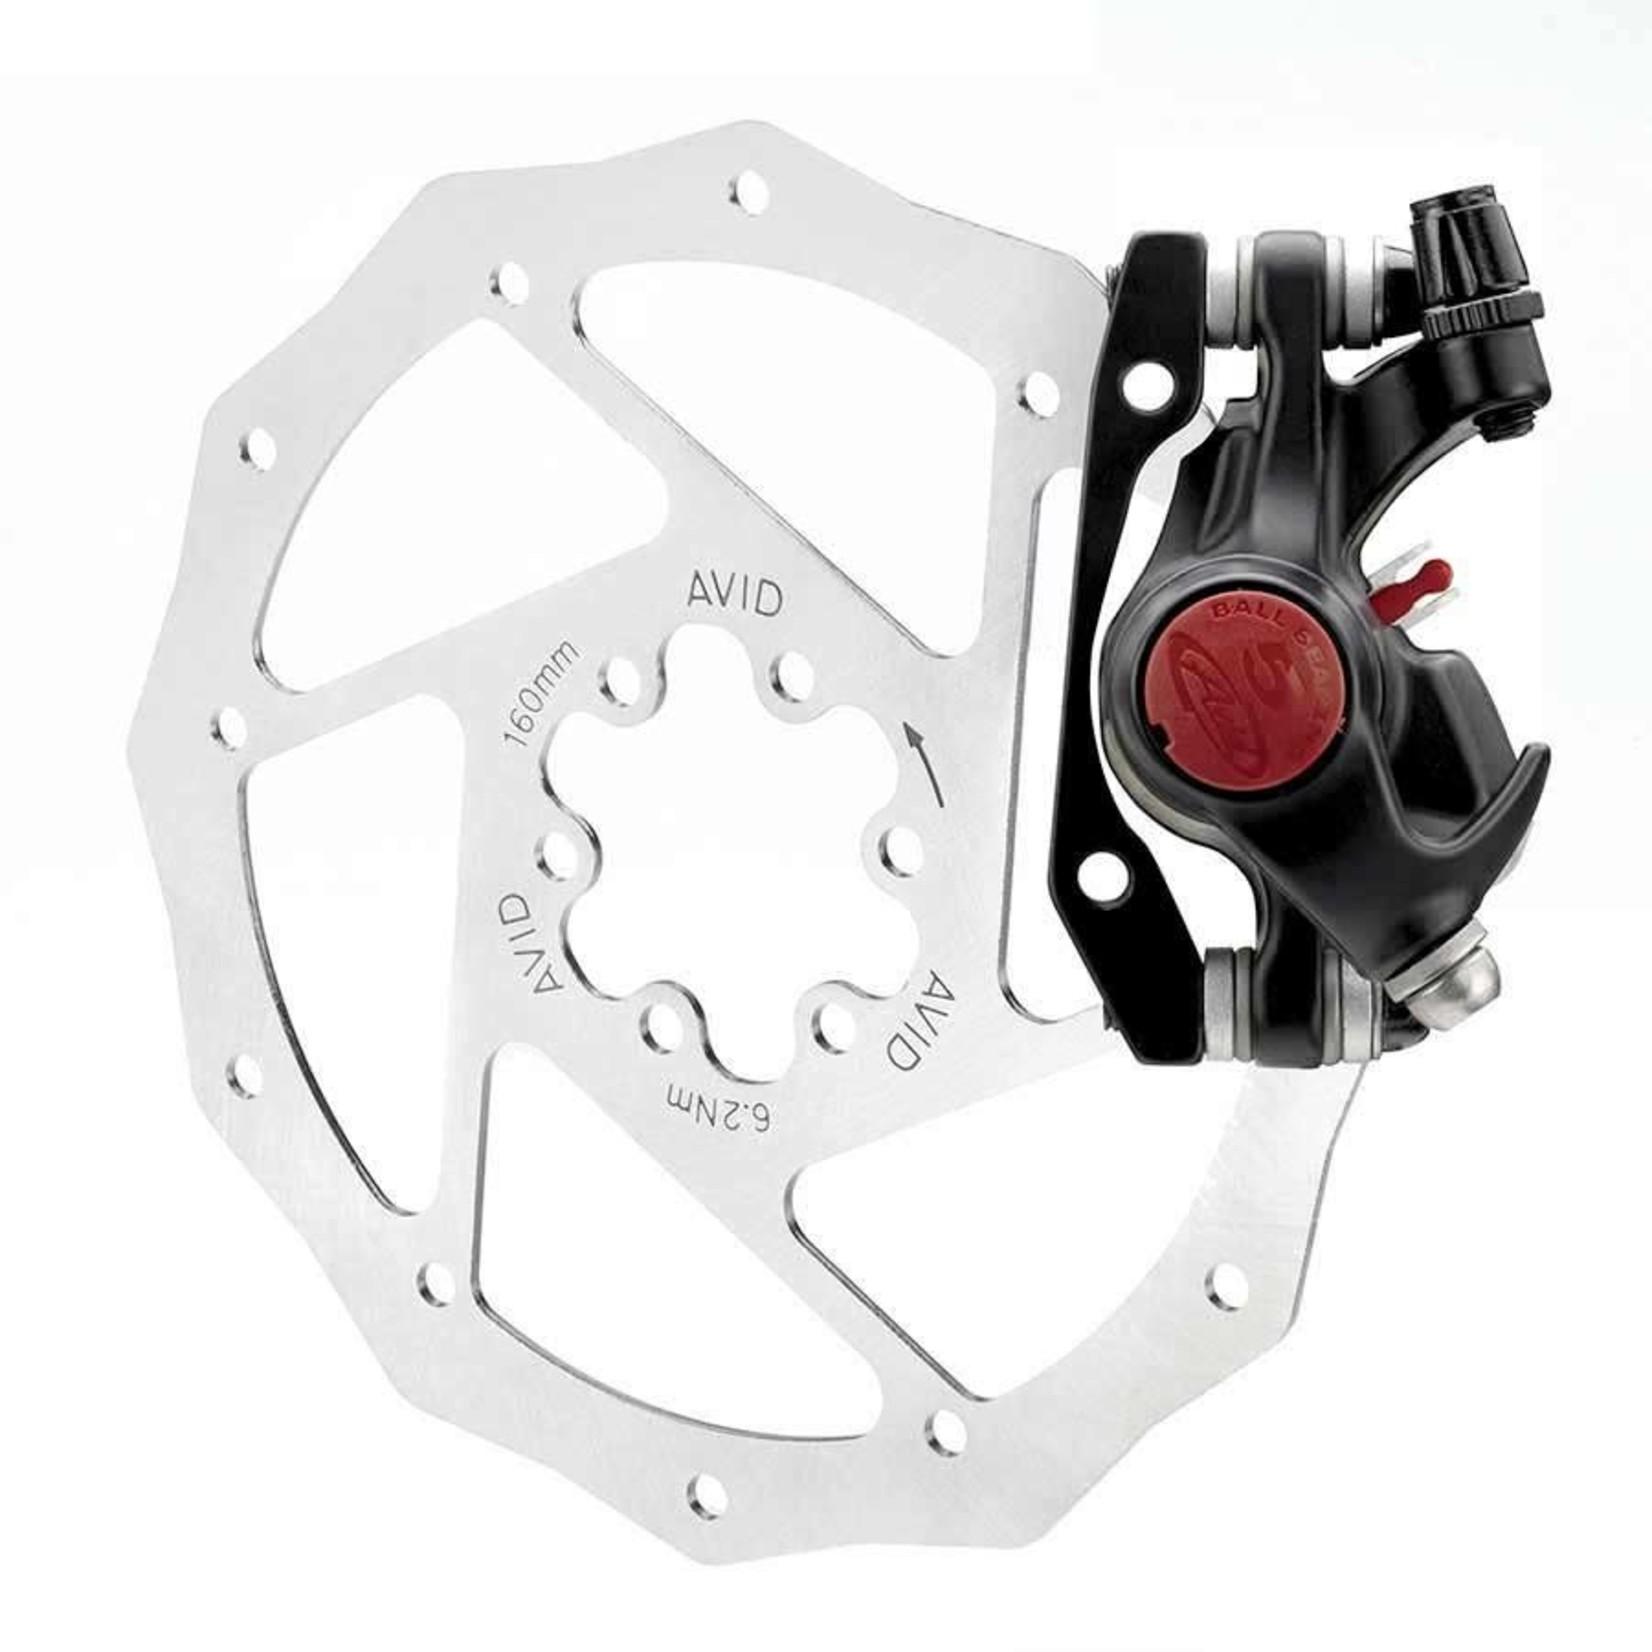 AVID BB5 MTB, Frein a disque mecanique, Gris, Avant ou Arriere, Sans rotor, Sans adaptateur